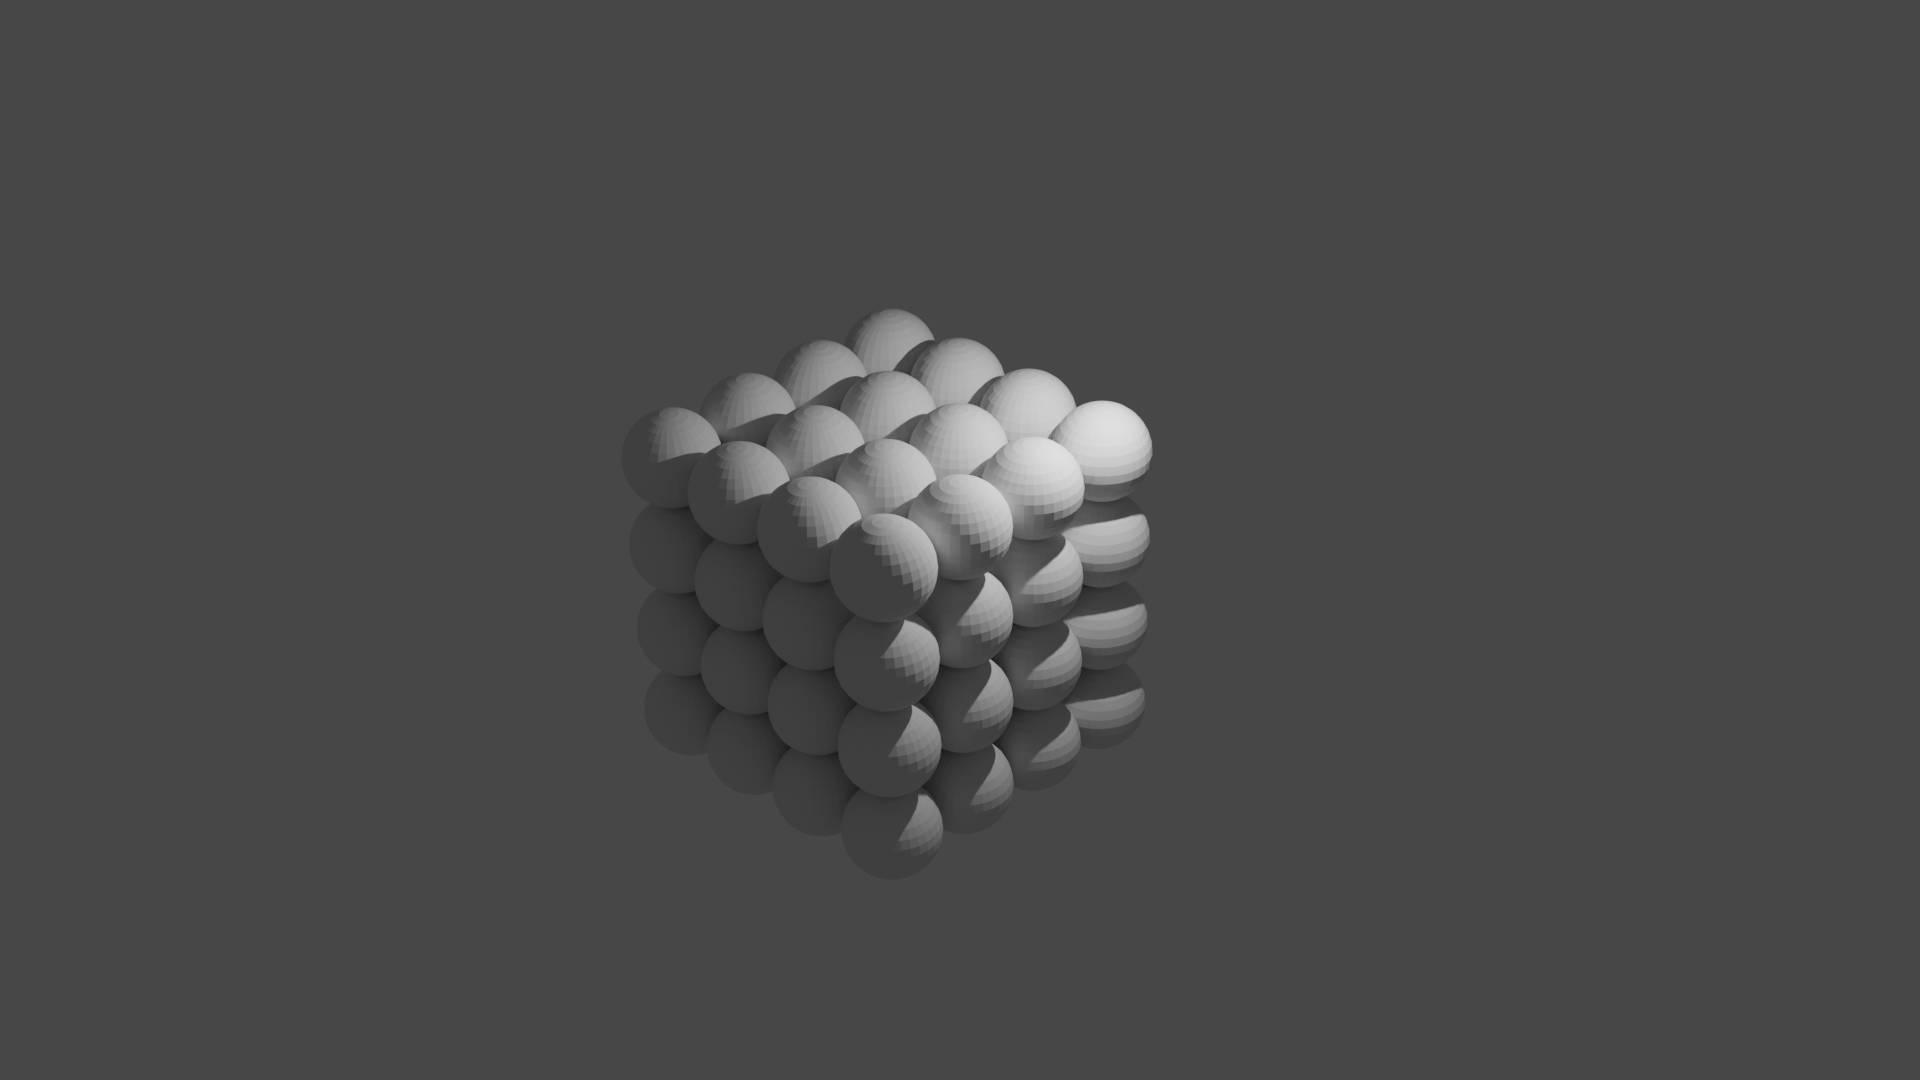 プログラムで作成させた球体を並べたもの